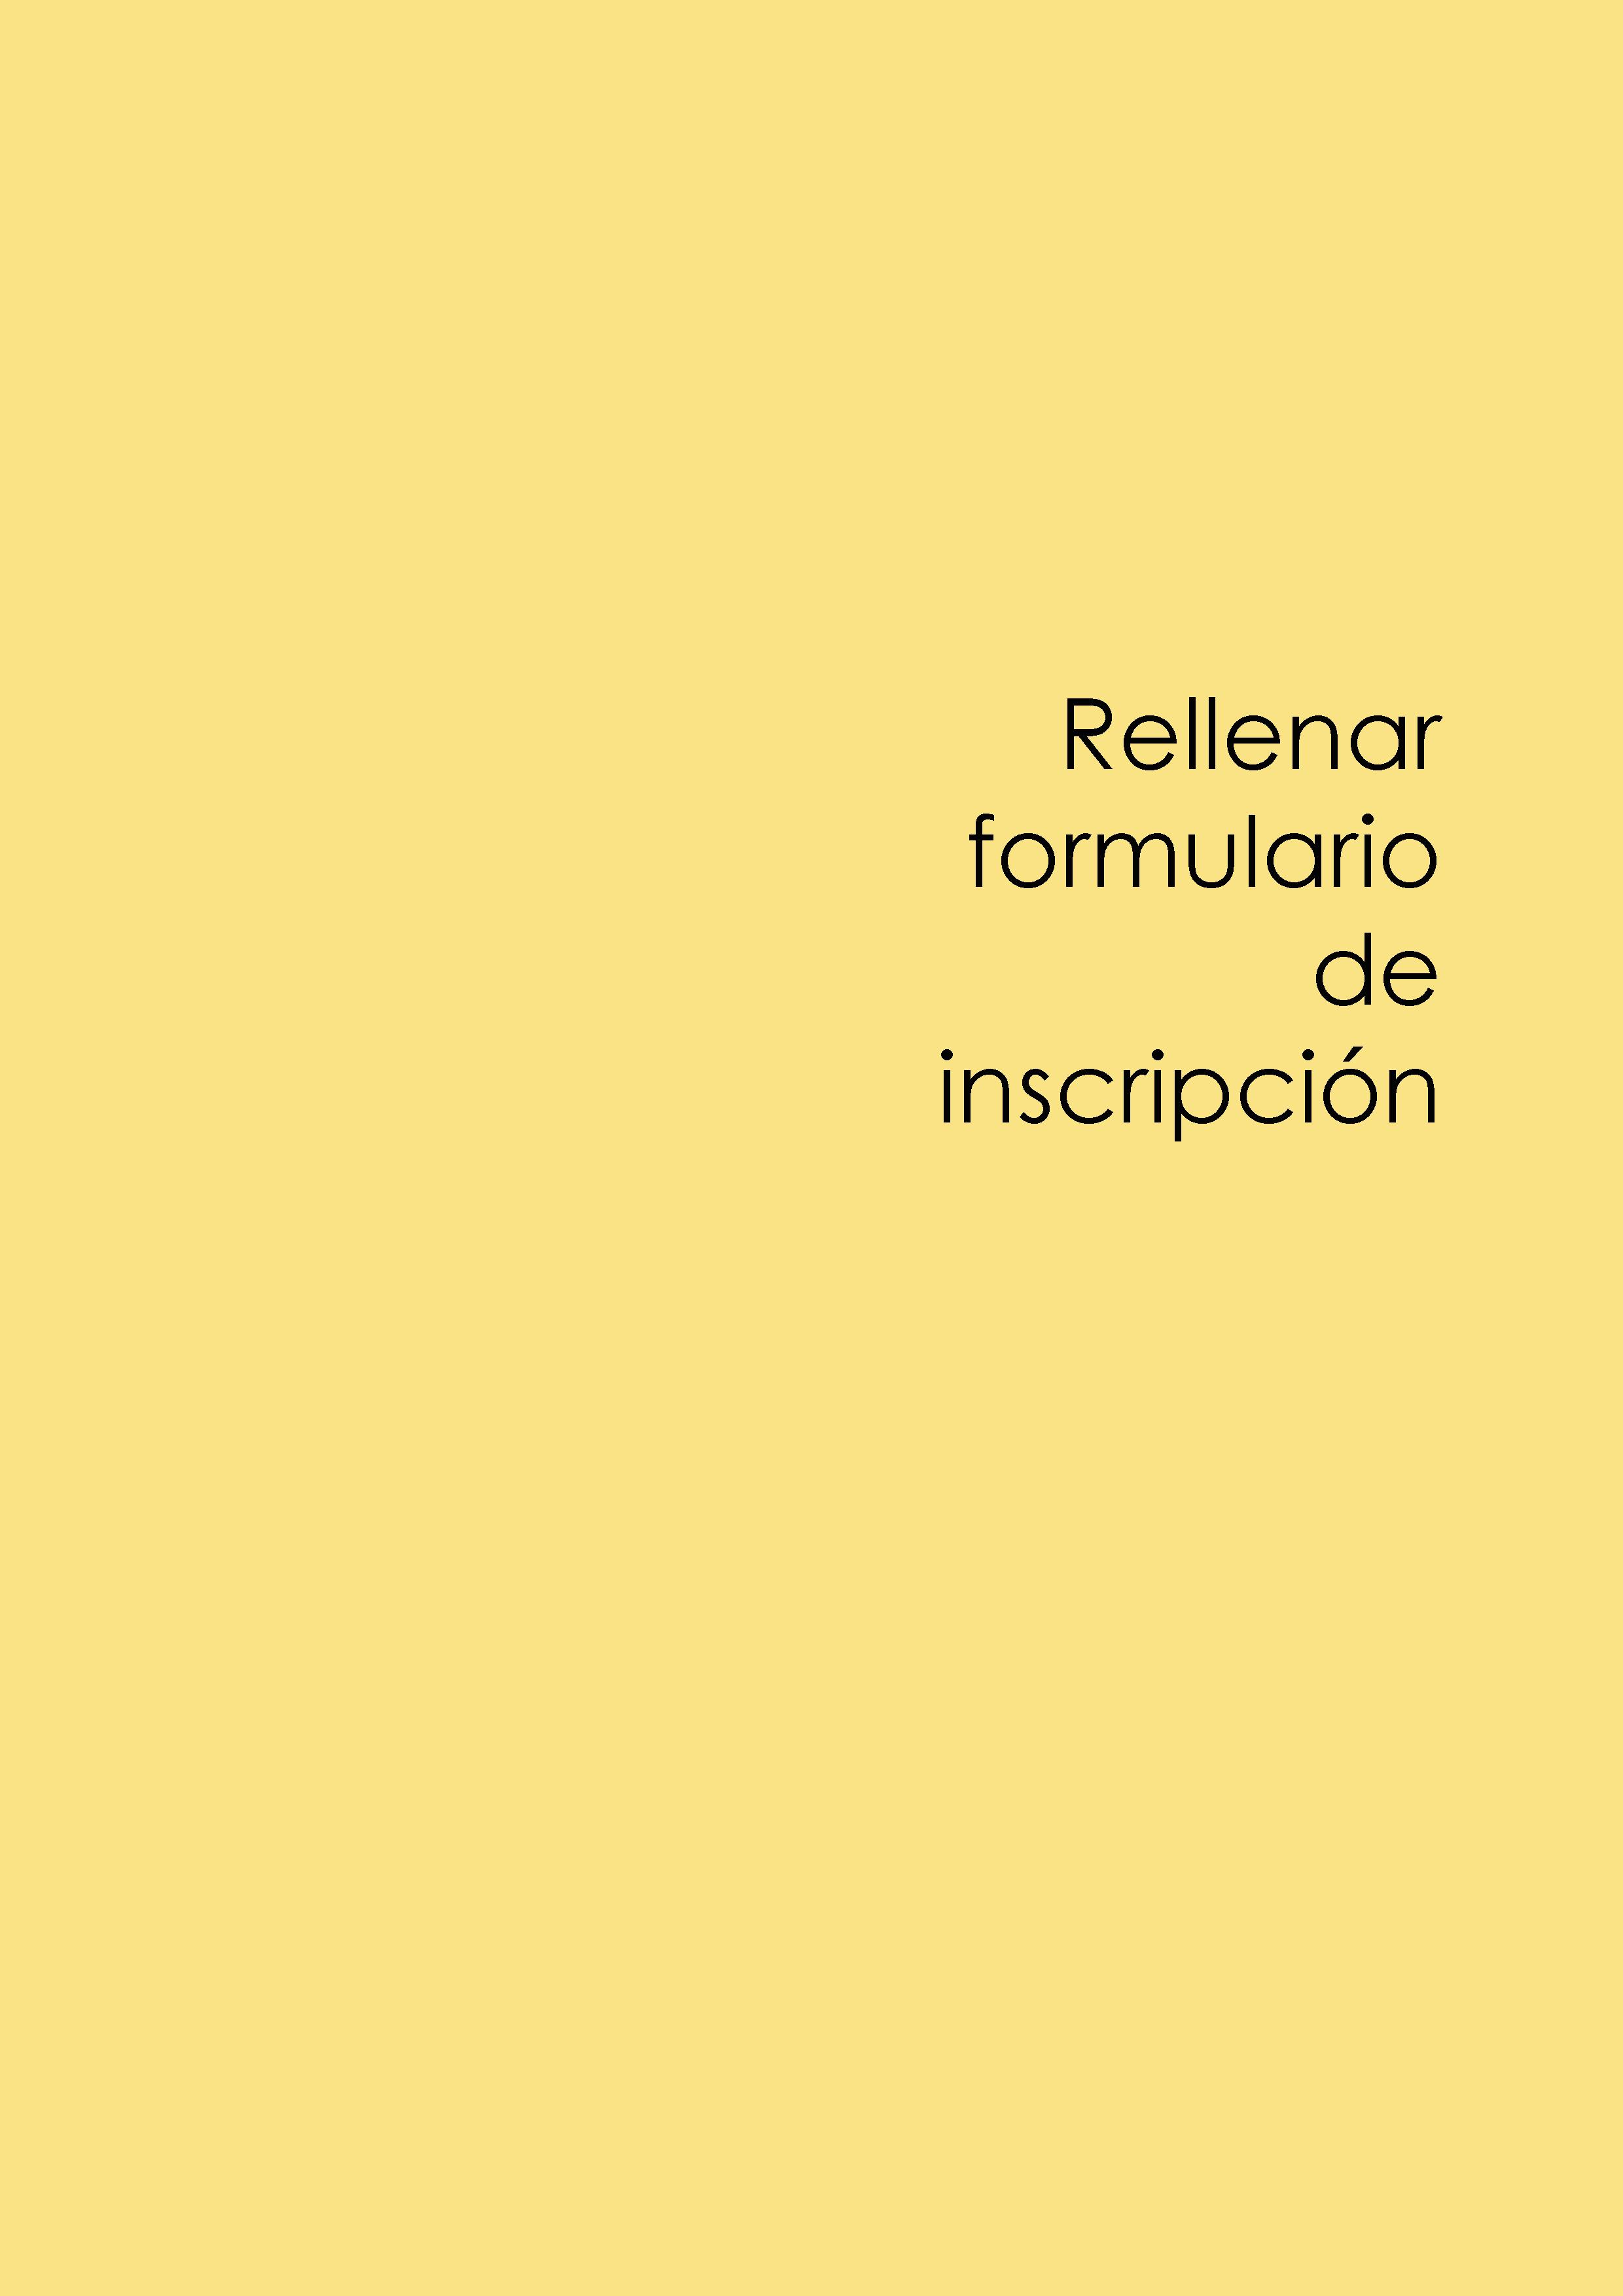 formulario5